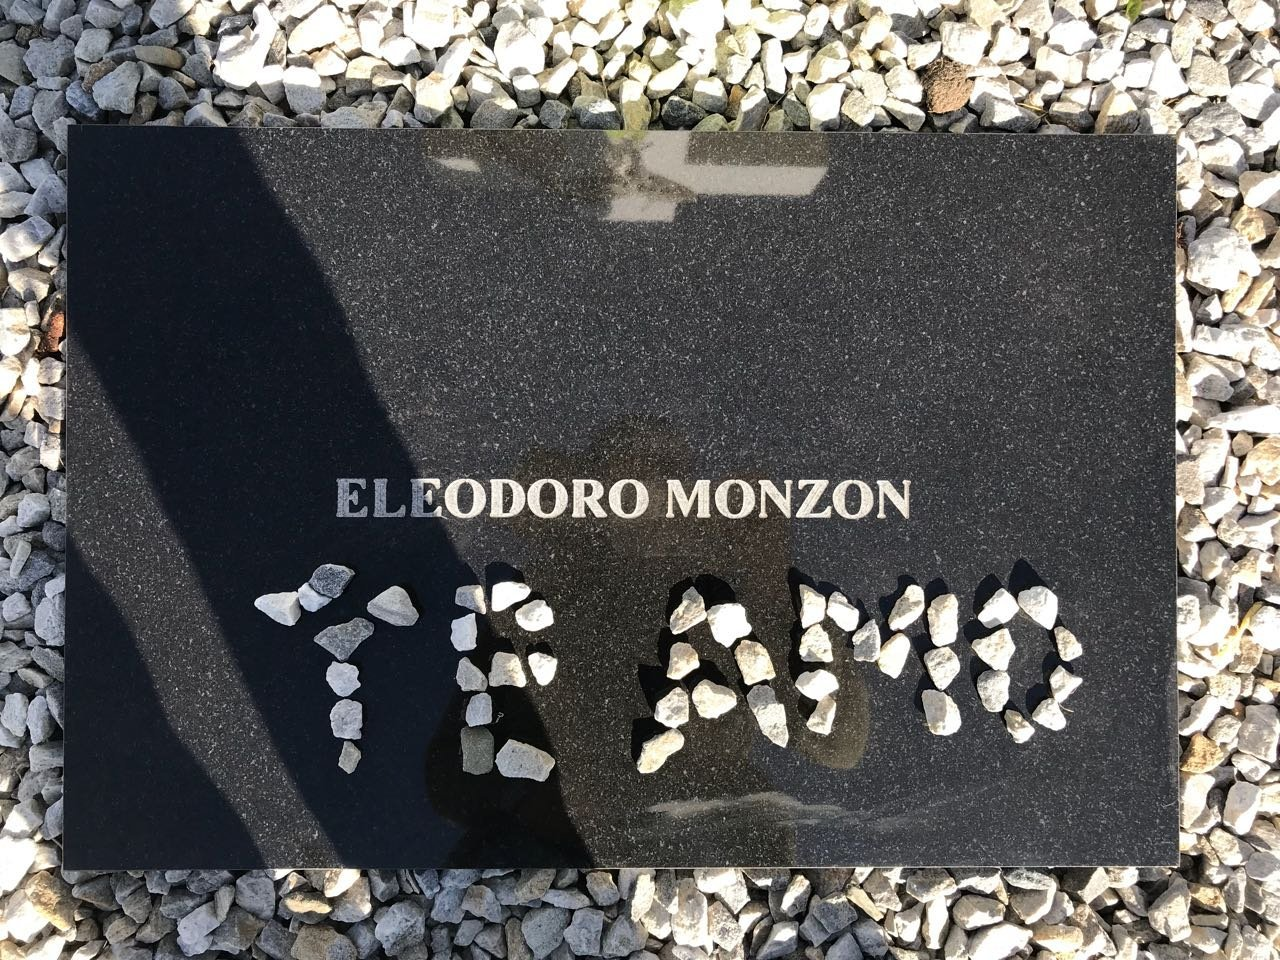 Tumba del soldado argentino caído en Malvinas Eleodoro Monzón